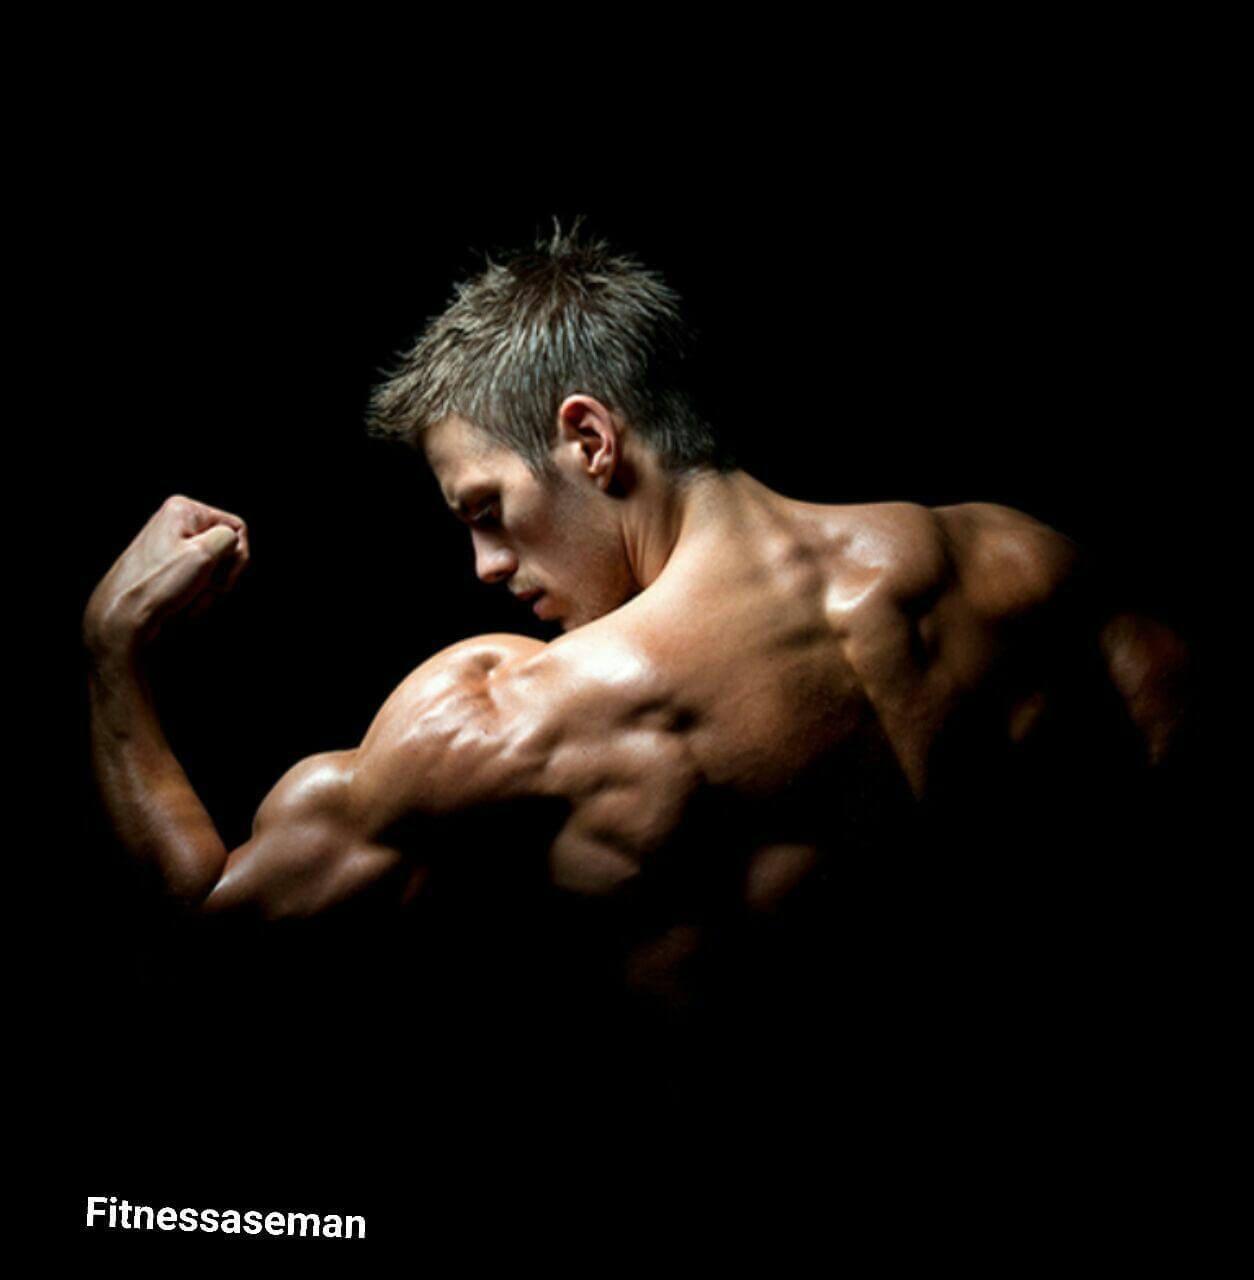 سیزده روش چربی سوزی و عضله سازی